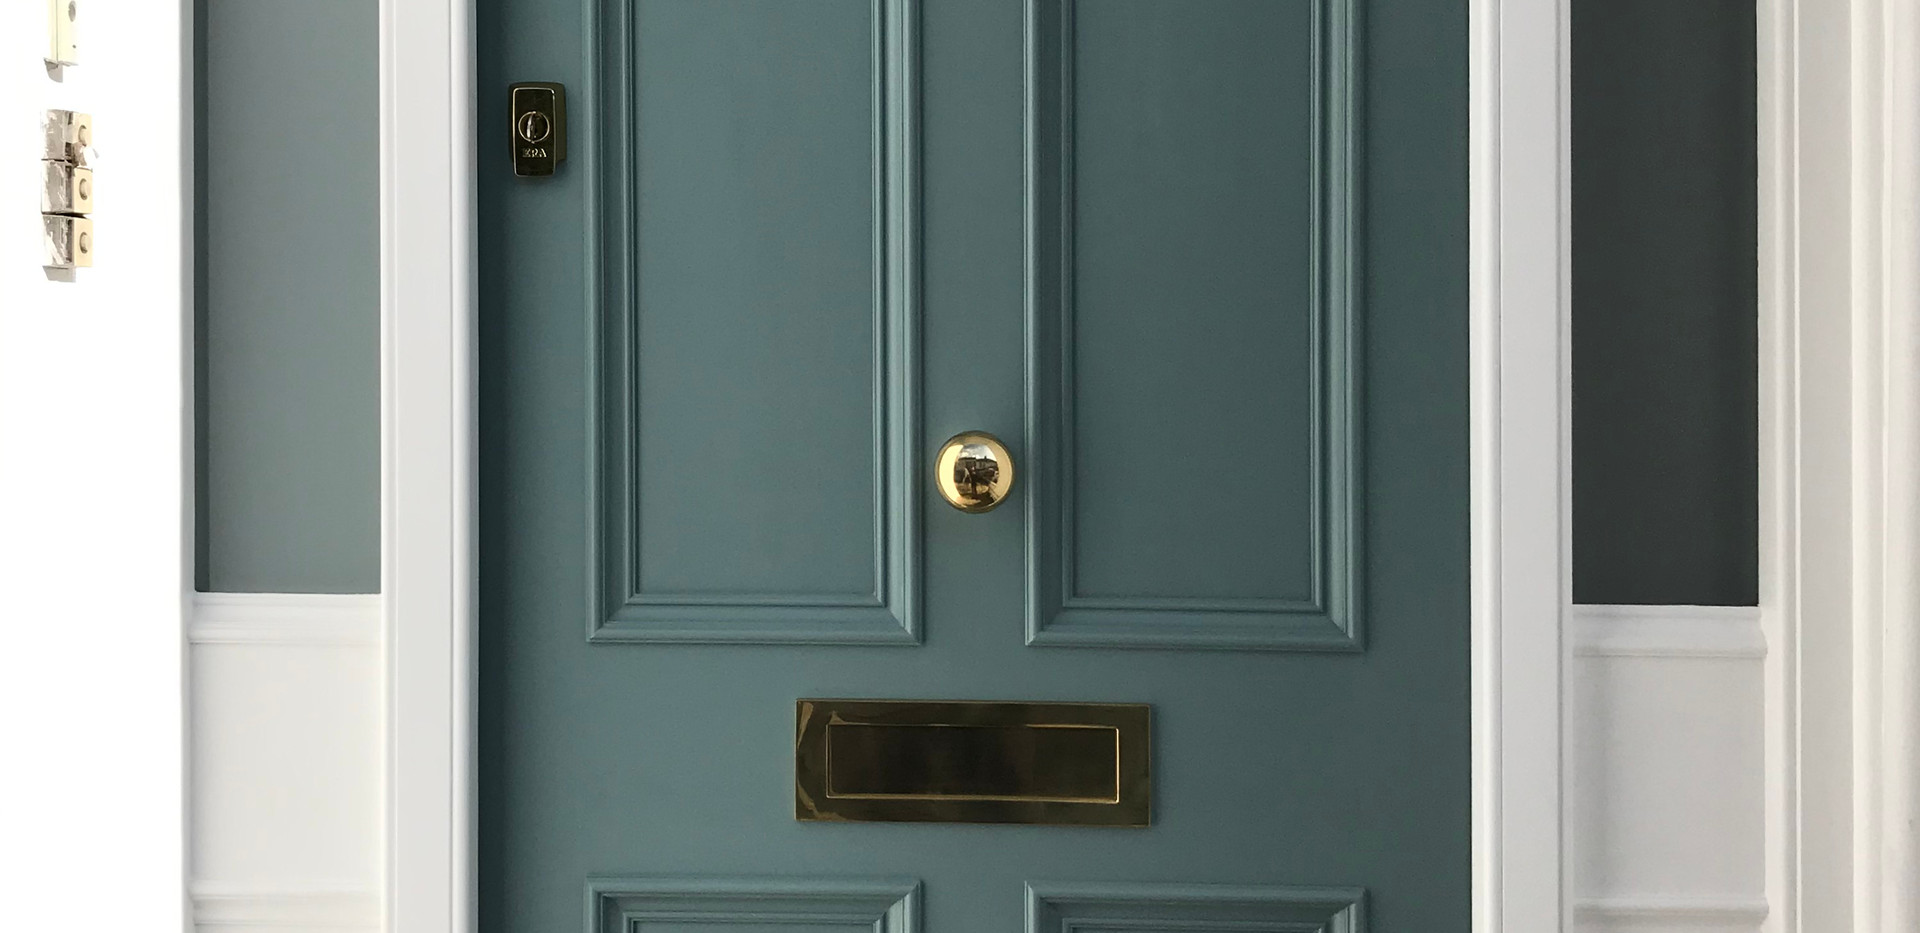 Period Victorian doors